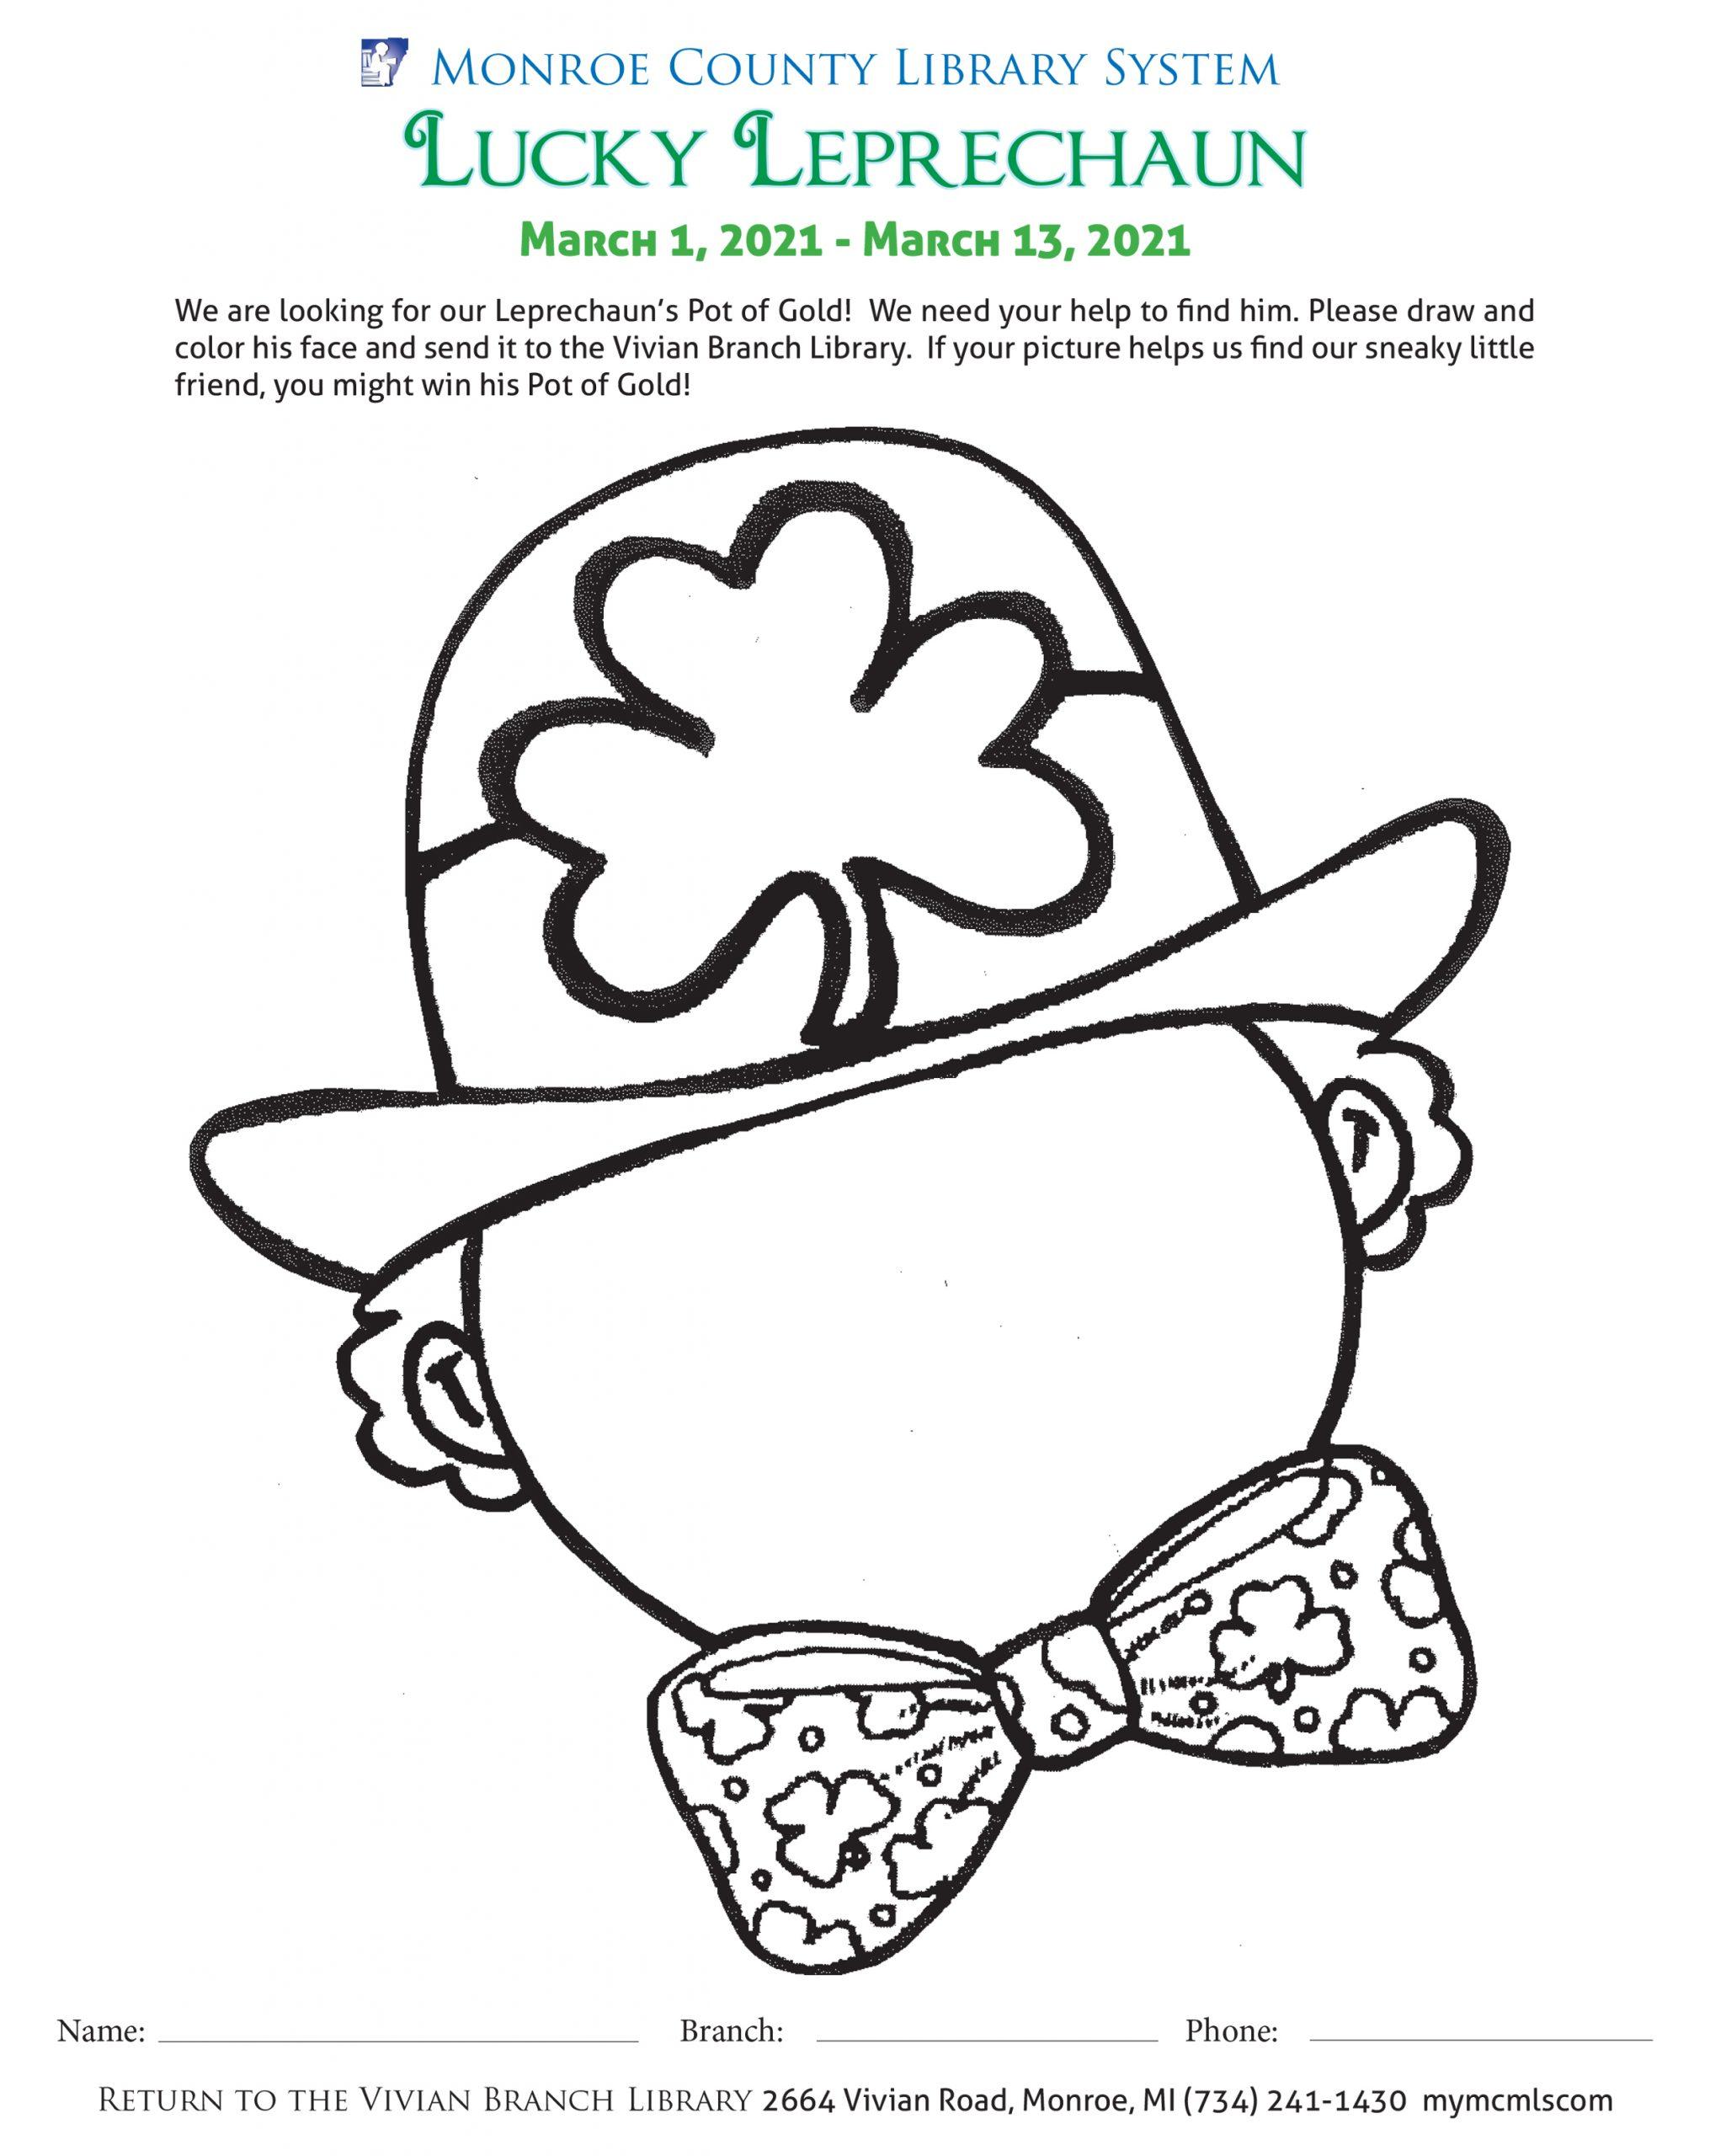 Leprechaun coloring sheet